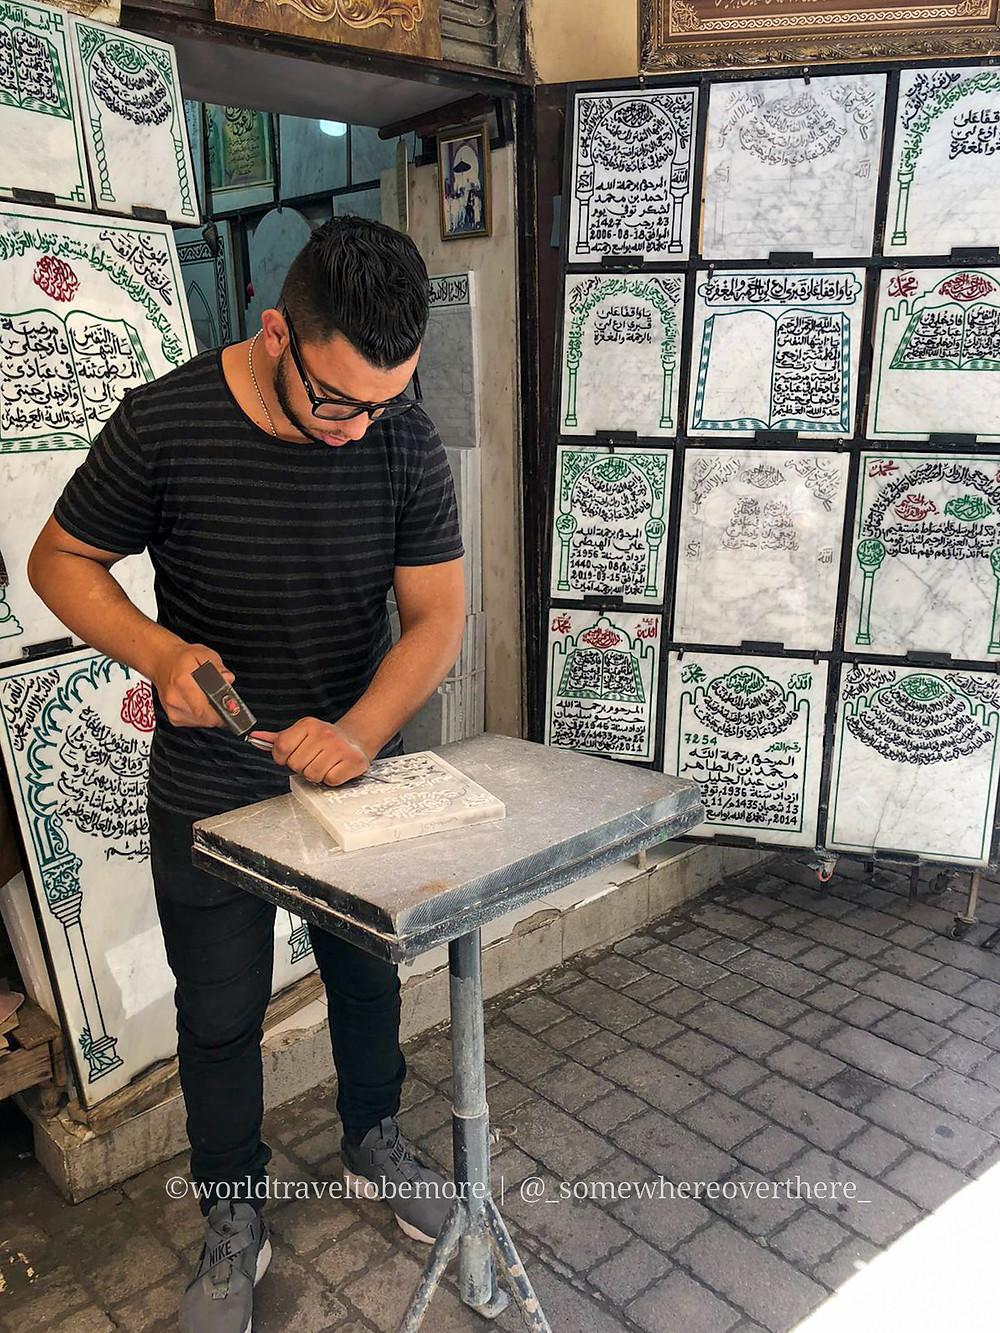 Artigianato locale durante la settimana di viaggio in marocco, qui siamoa  Fez.